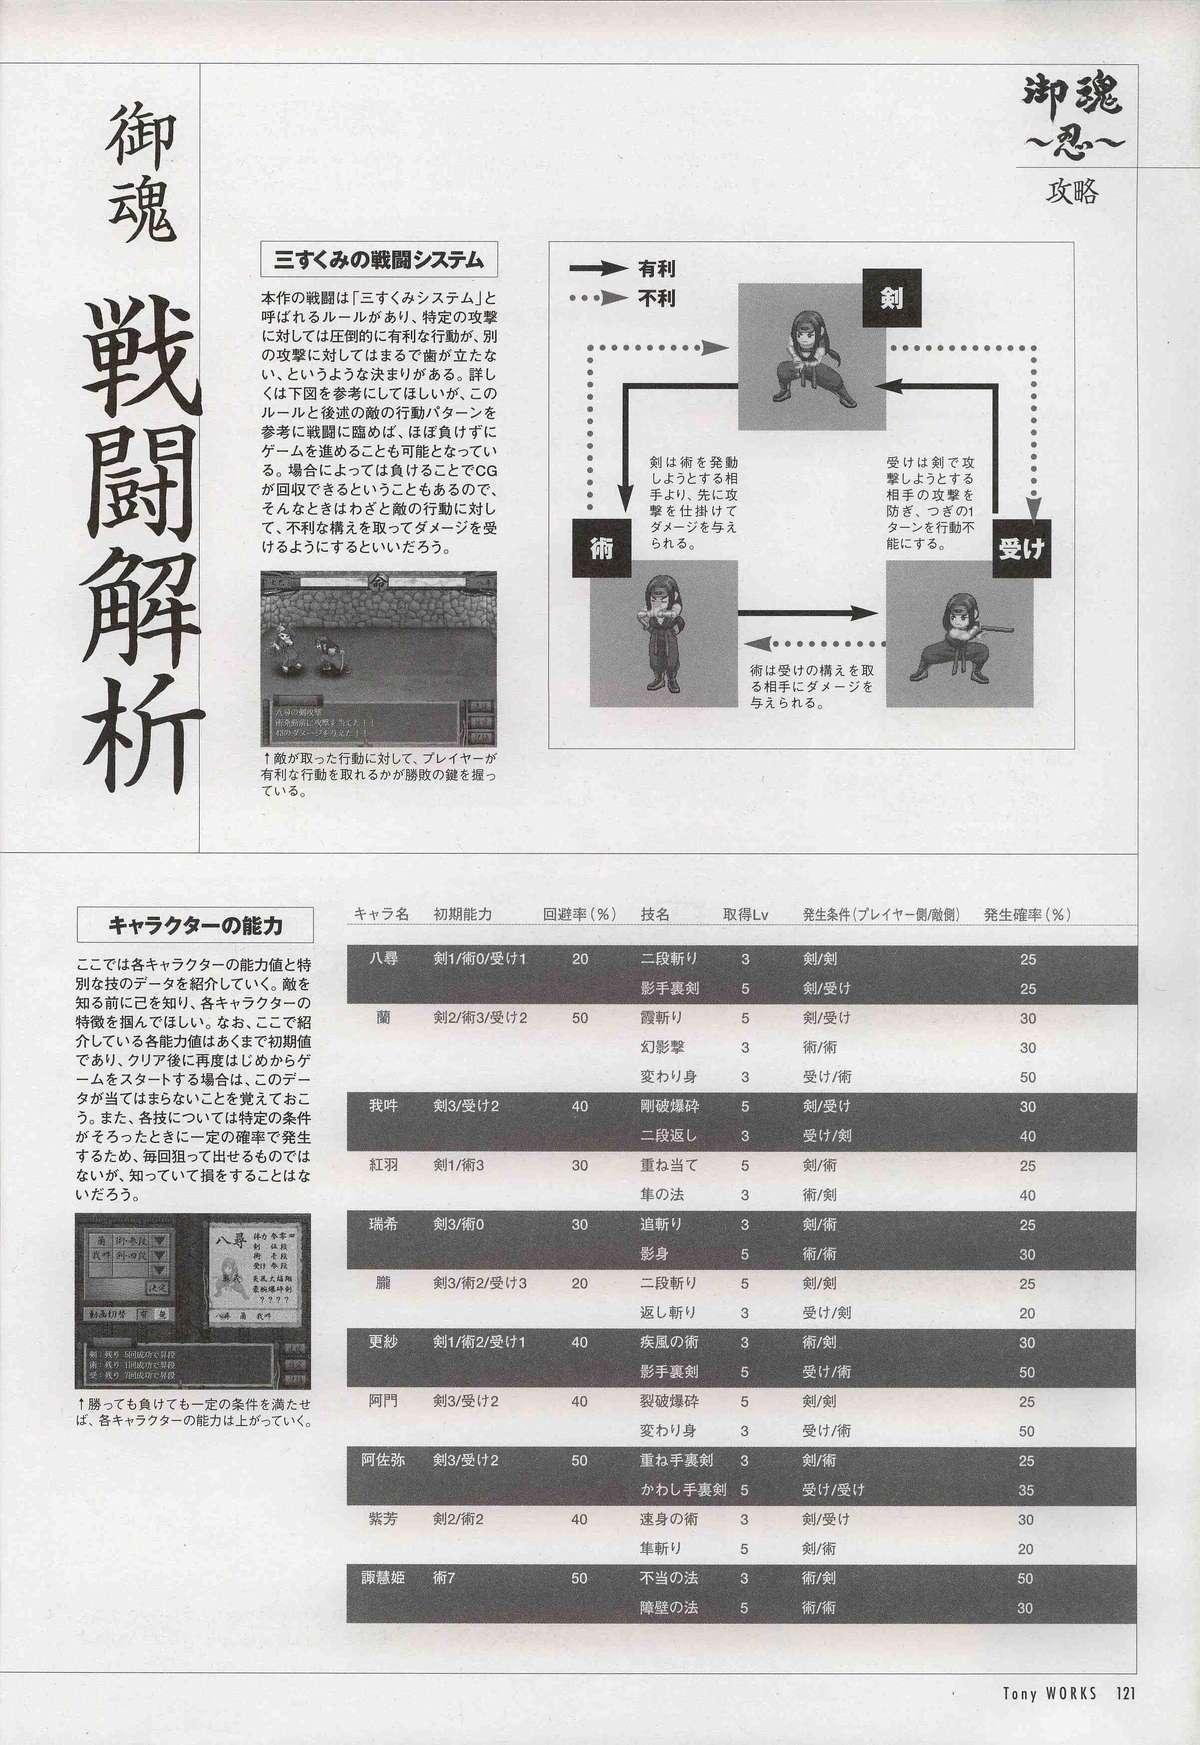 御魂~忍~×ARCANA~光と闇のエクスタシス~二作品原画 125